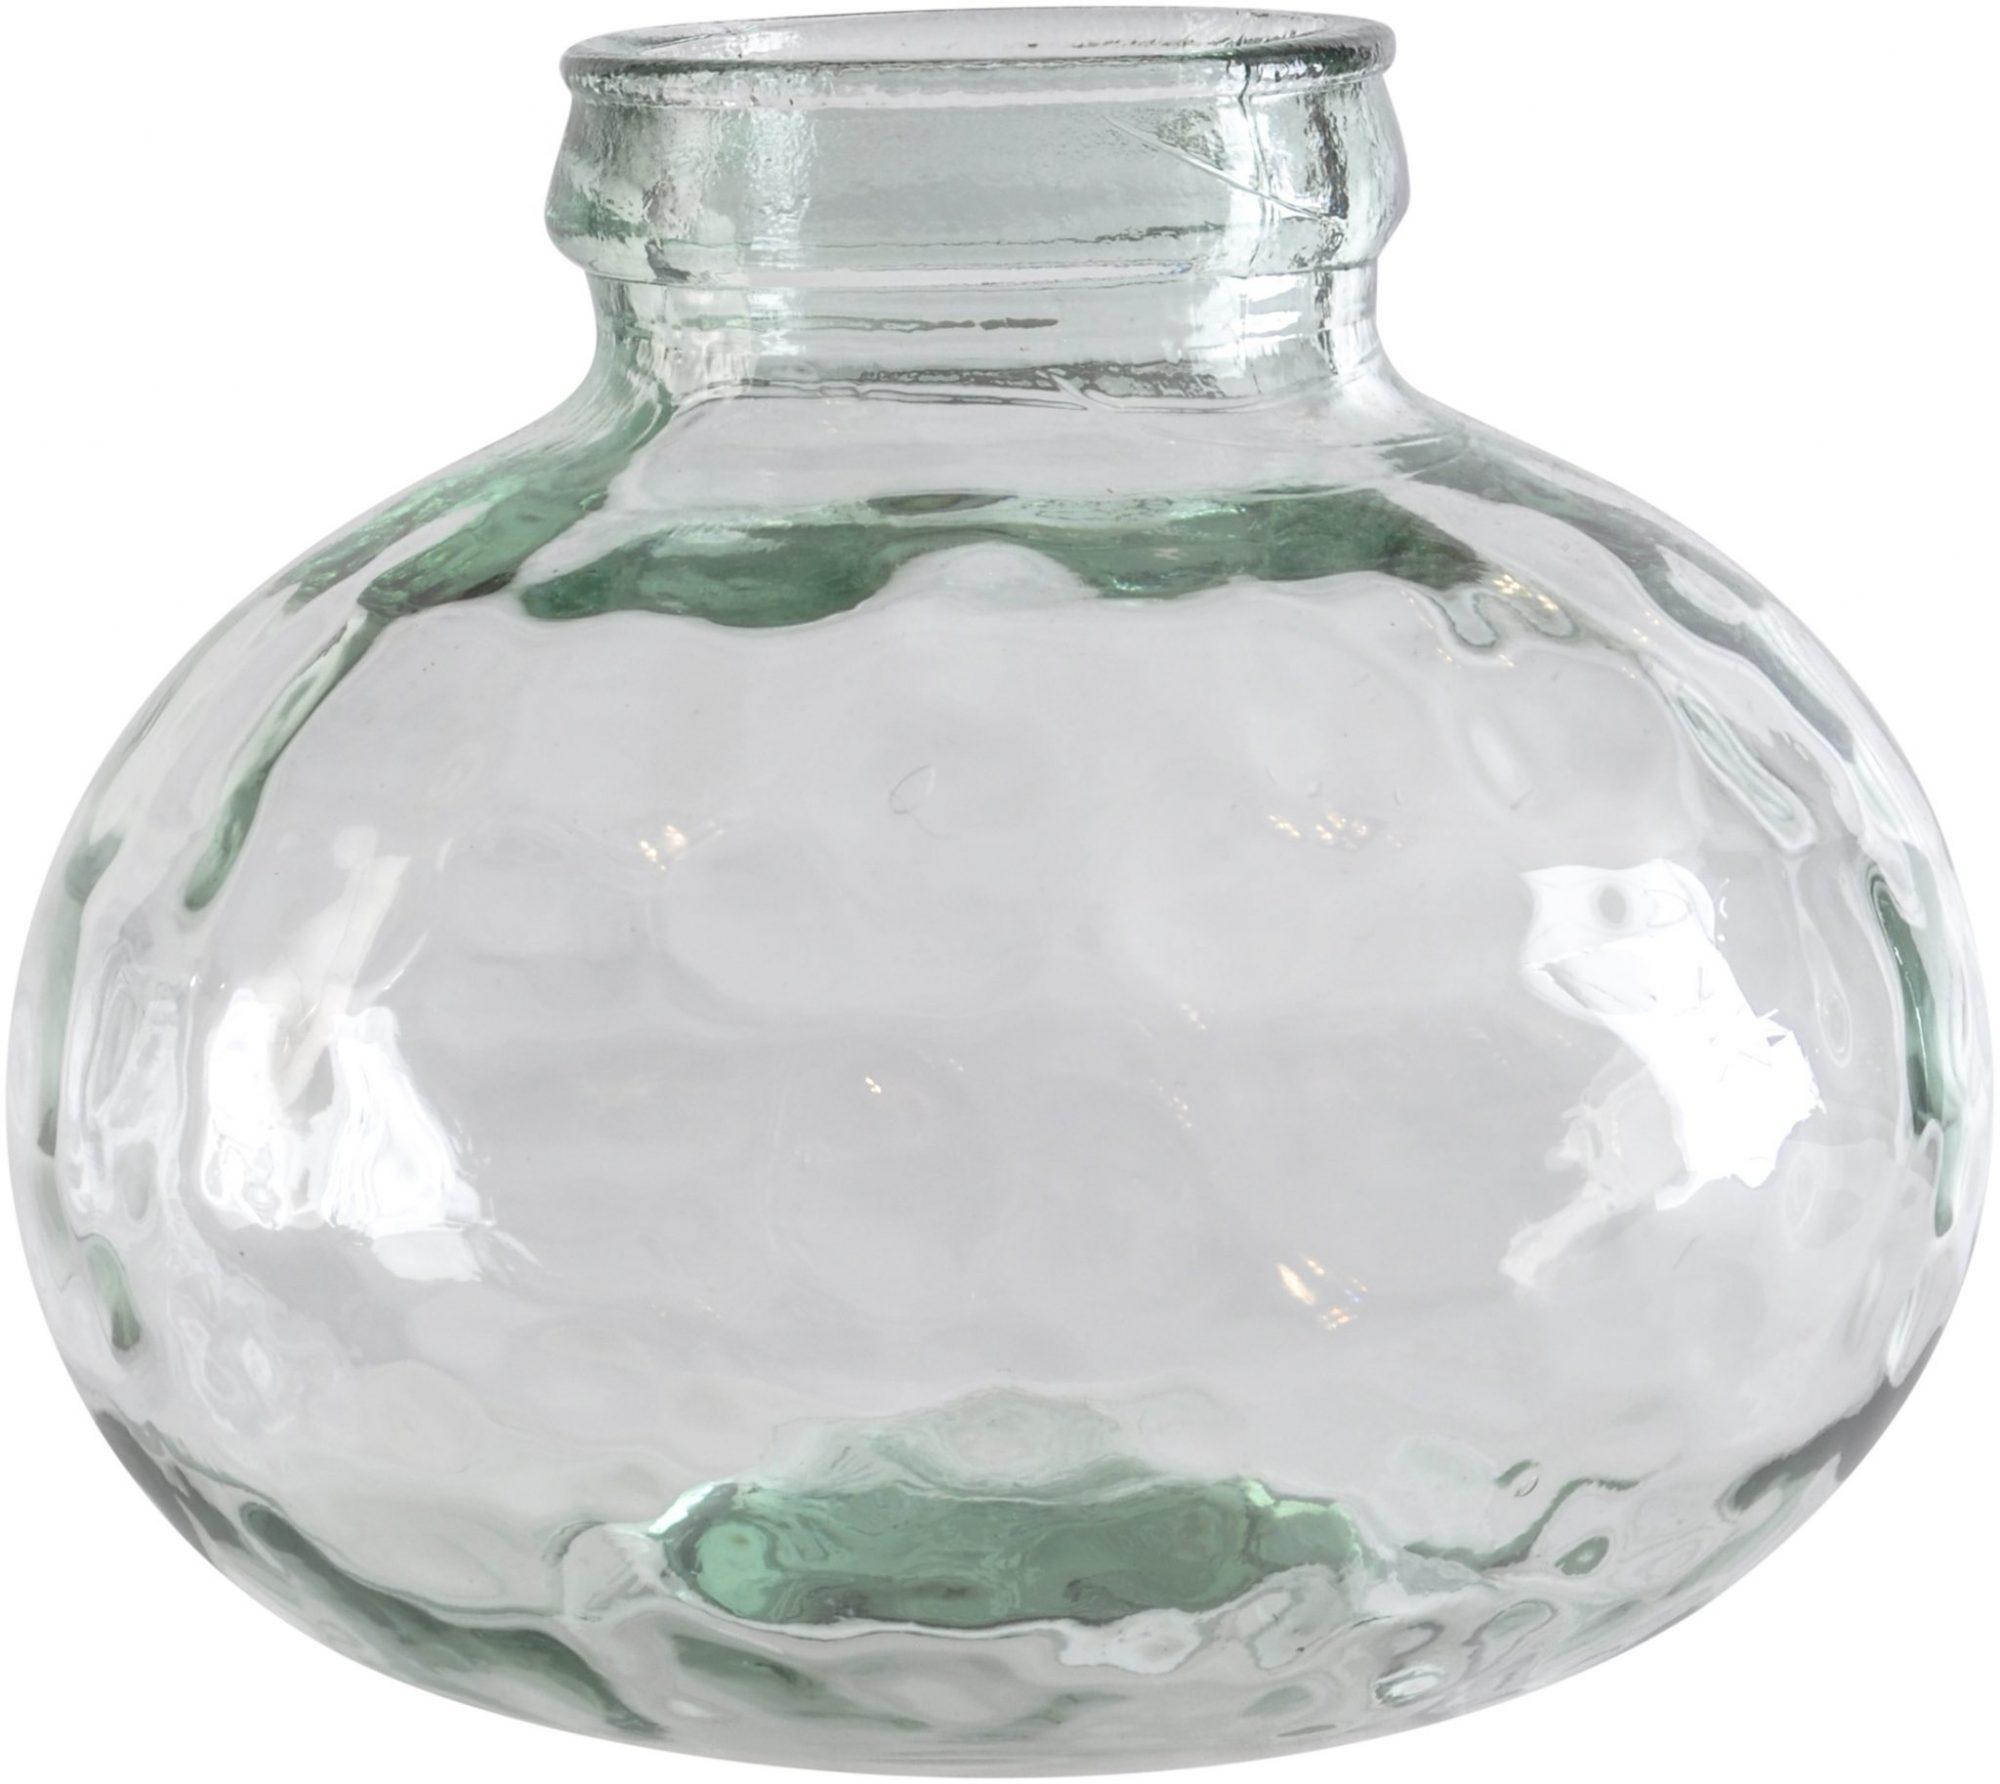 Top Vases - Daniel Laurence Home & Garden LS17